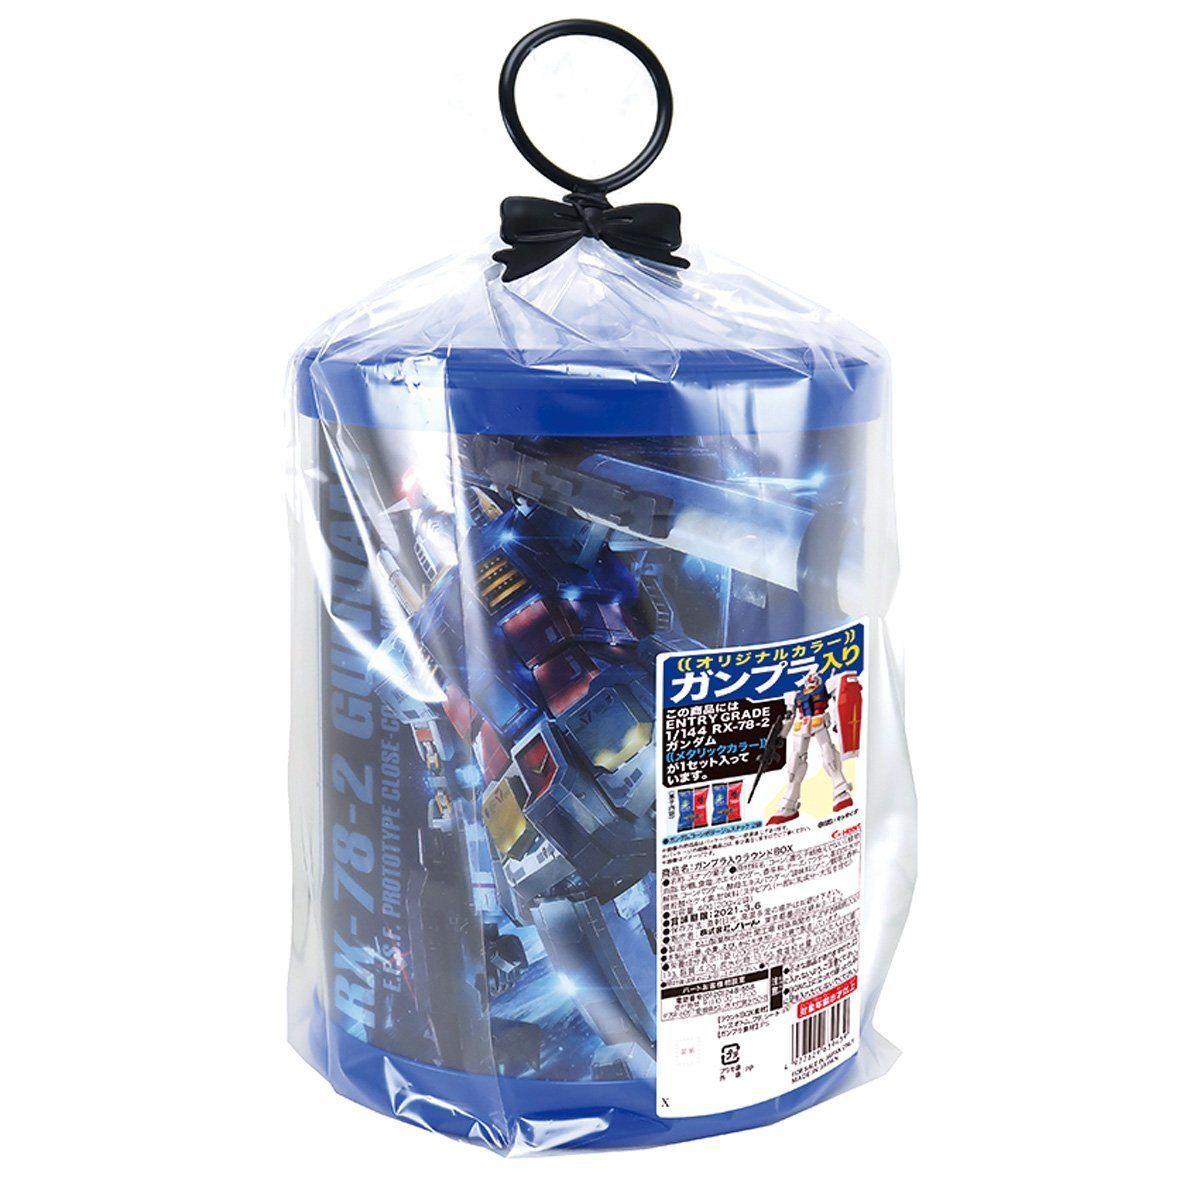 【限定販売】【食玩】EGガンダム『ガンプラ入りラウンドBOX』ENTRY GRADE 1/144 RX-78-2 ガンダム プラモデル-002